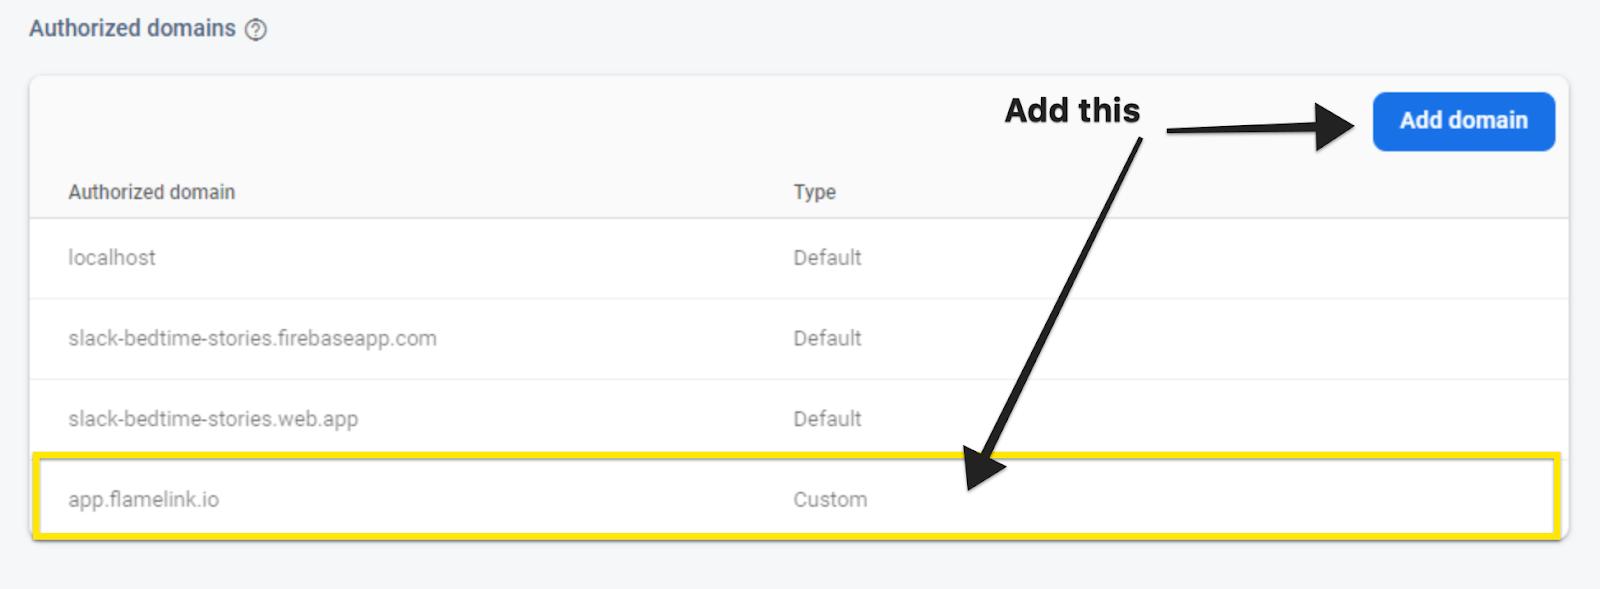 flamelink authorized domains